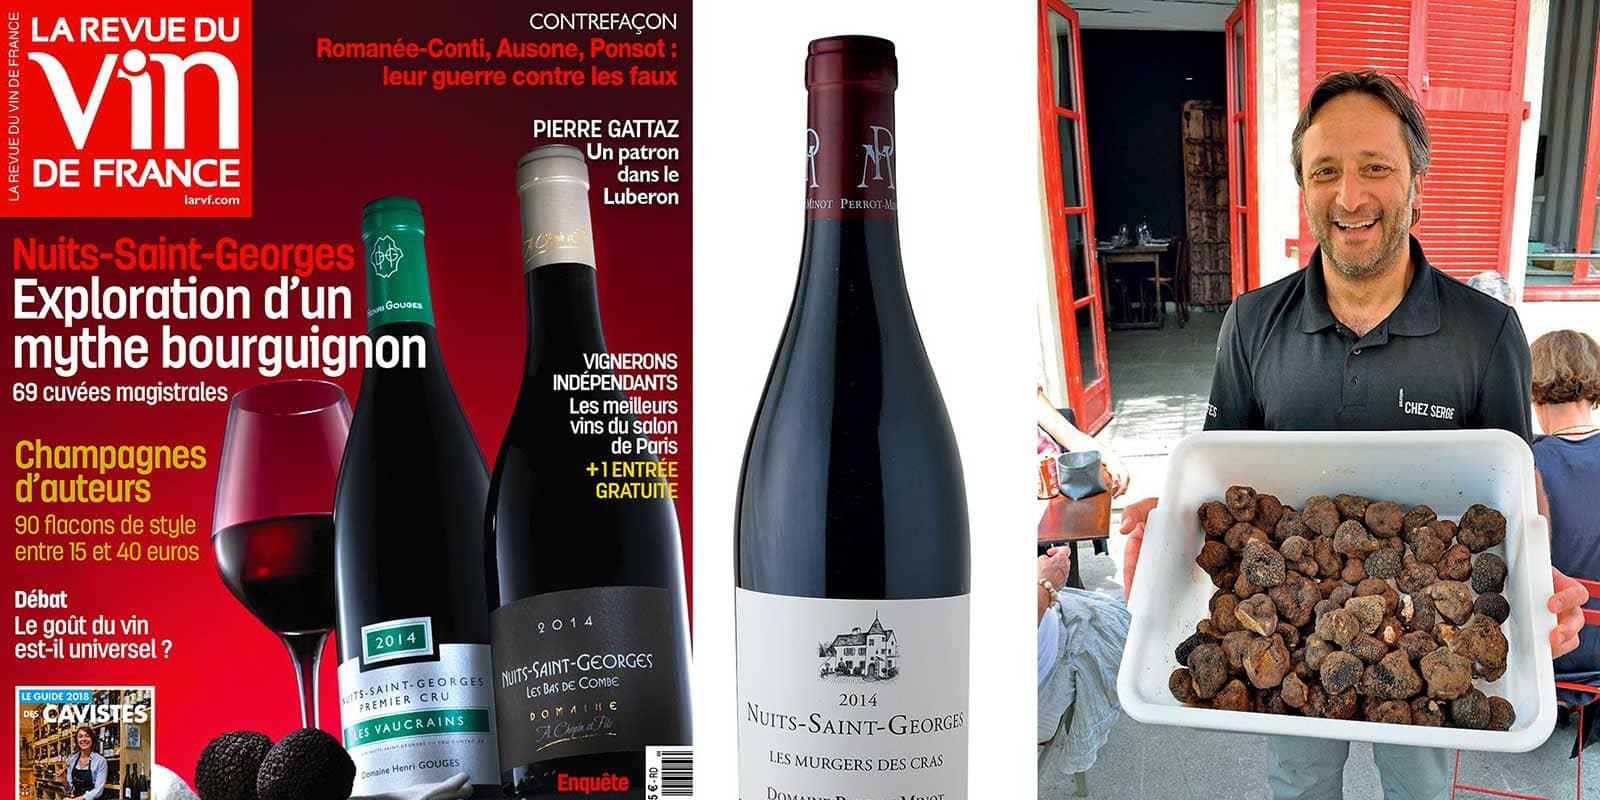 Couverture de la Revue du vin, Nathalie Baylaucq